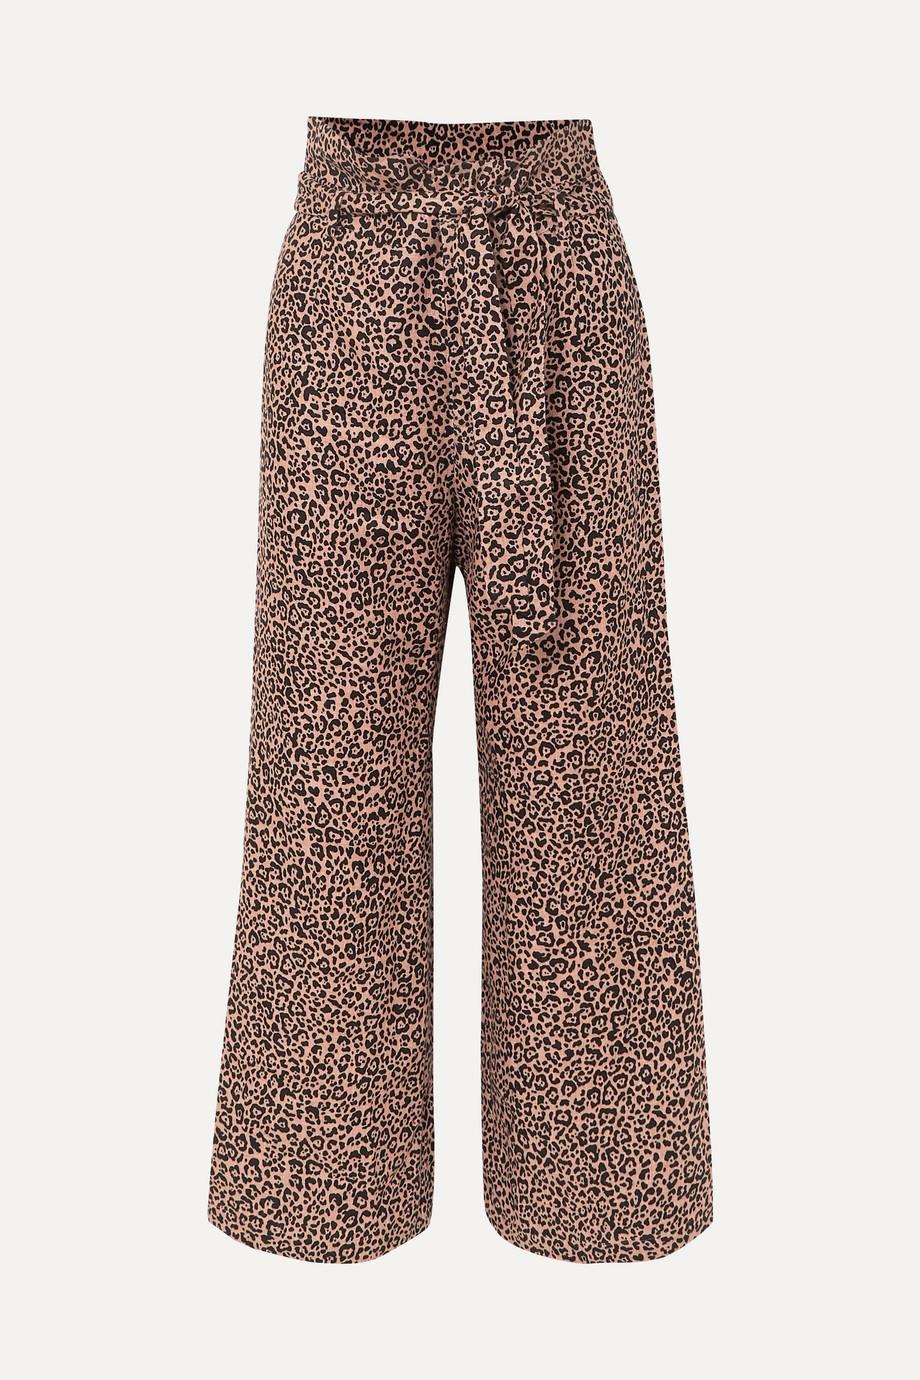 Reformation Pantalon large raccourci en lin à imprimé léopard et à ceinture Jackie